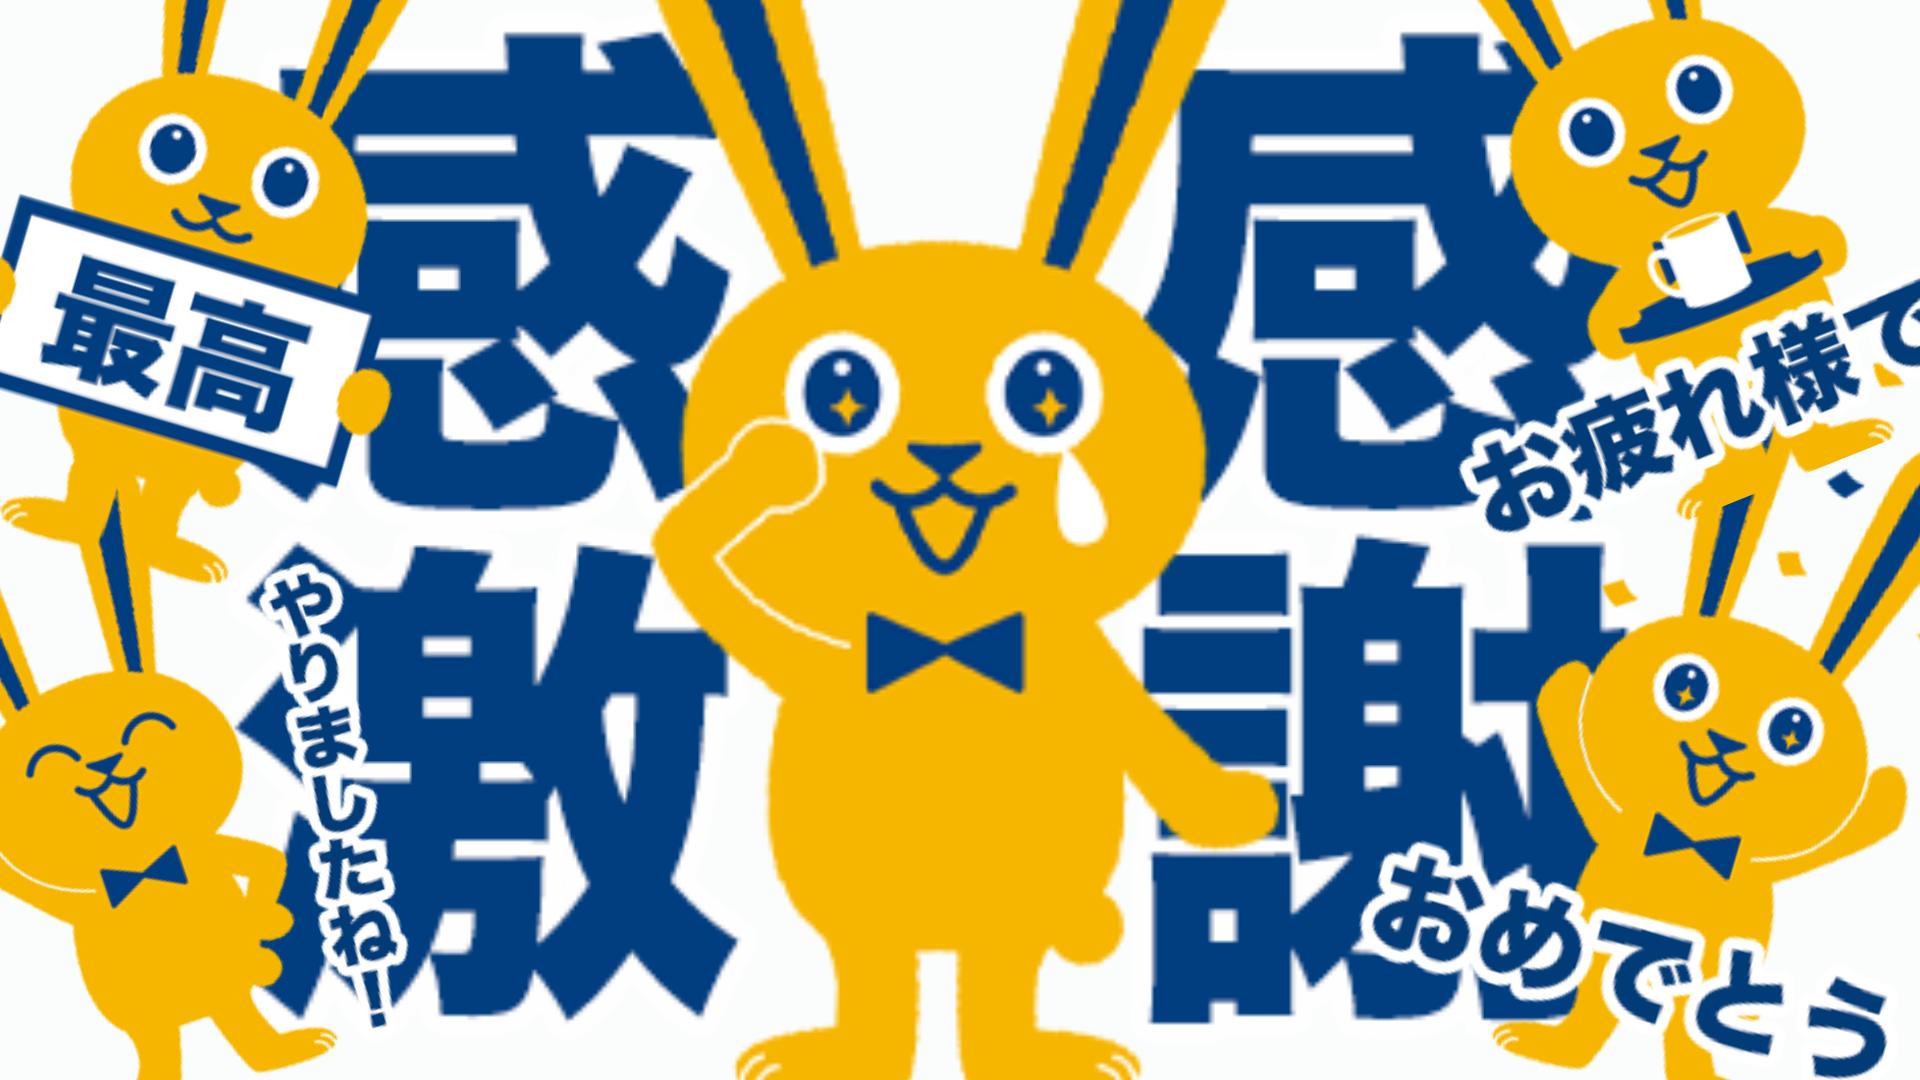 【お知らせ】「こくみんうさぎ LINEスタンプ vol.2」販売開始